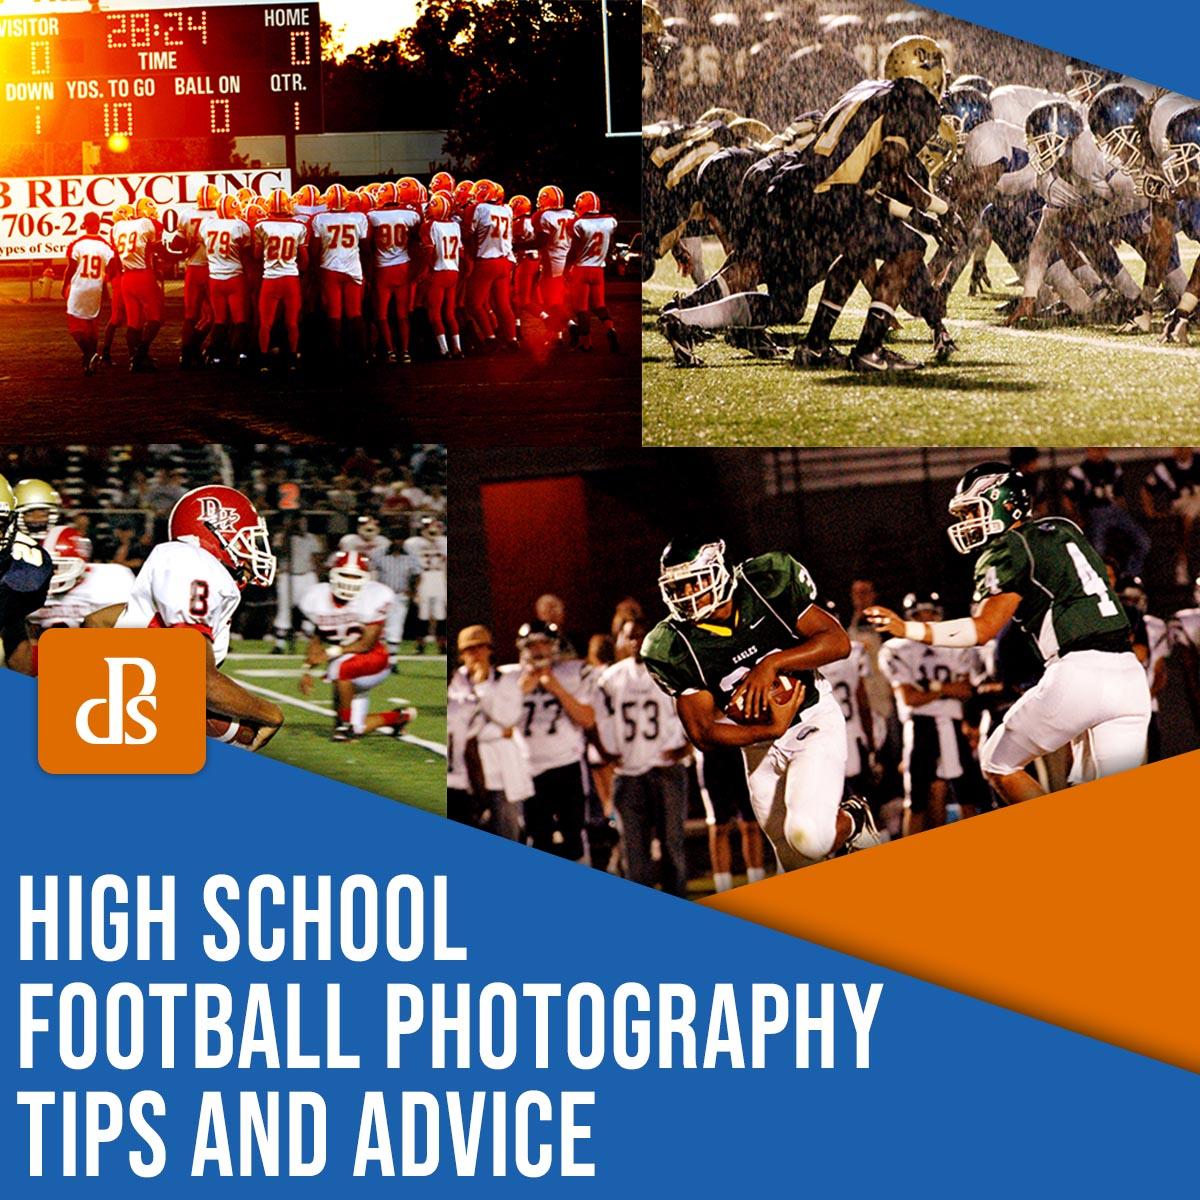 טיפים ועצות לצילום כדורגל בתיכון